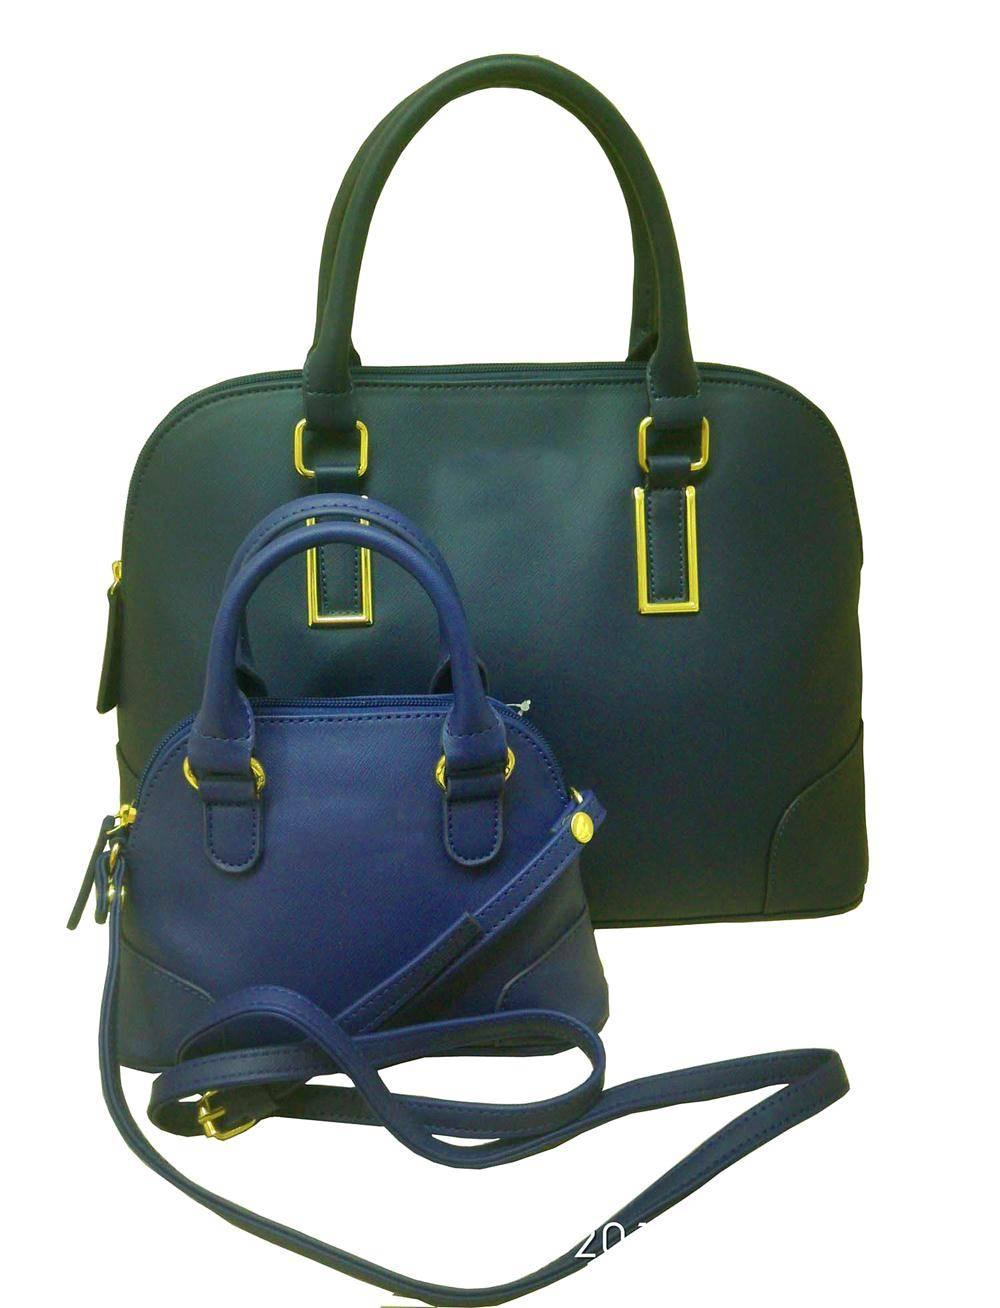 handbags-tote BQ16089